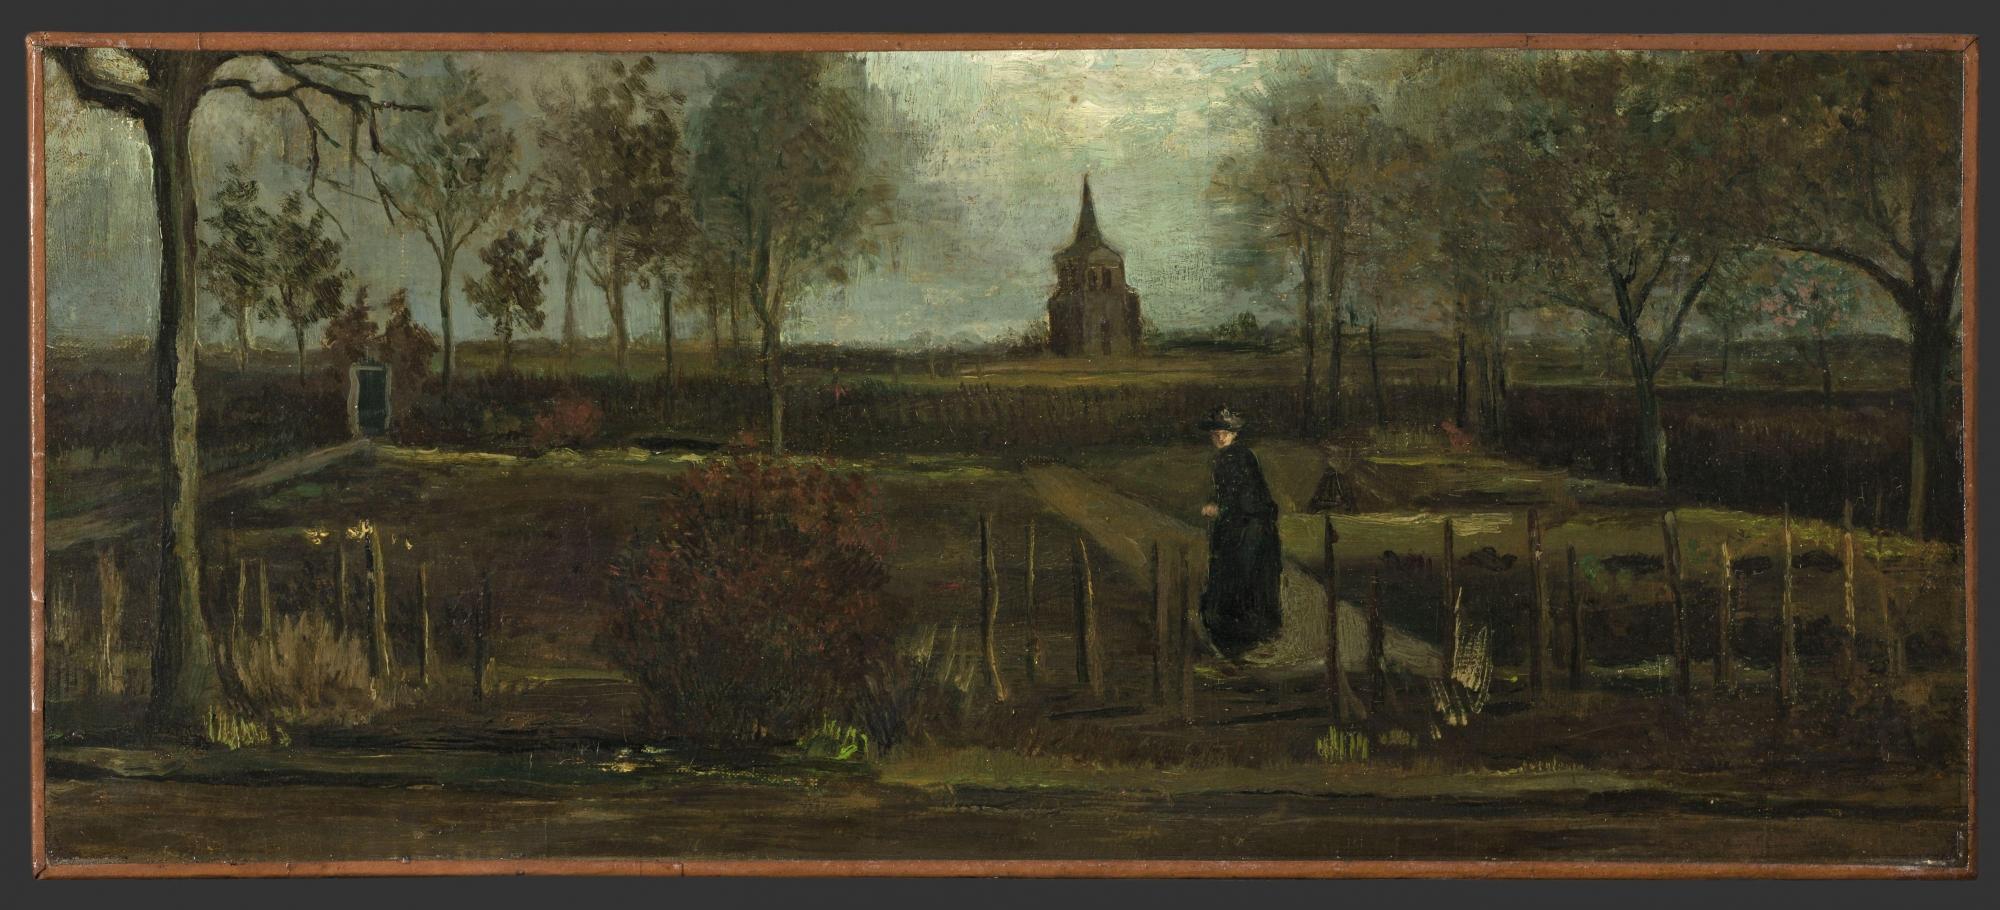 Vincent van Gogh, The Parsonage Garden at Nuenen, 1884, Singer Laren Museum, Laren, The Nederlands, Stolen in 2020